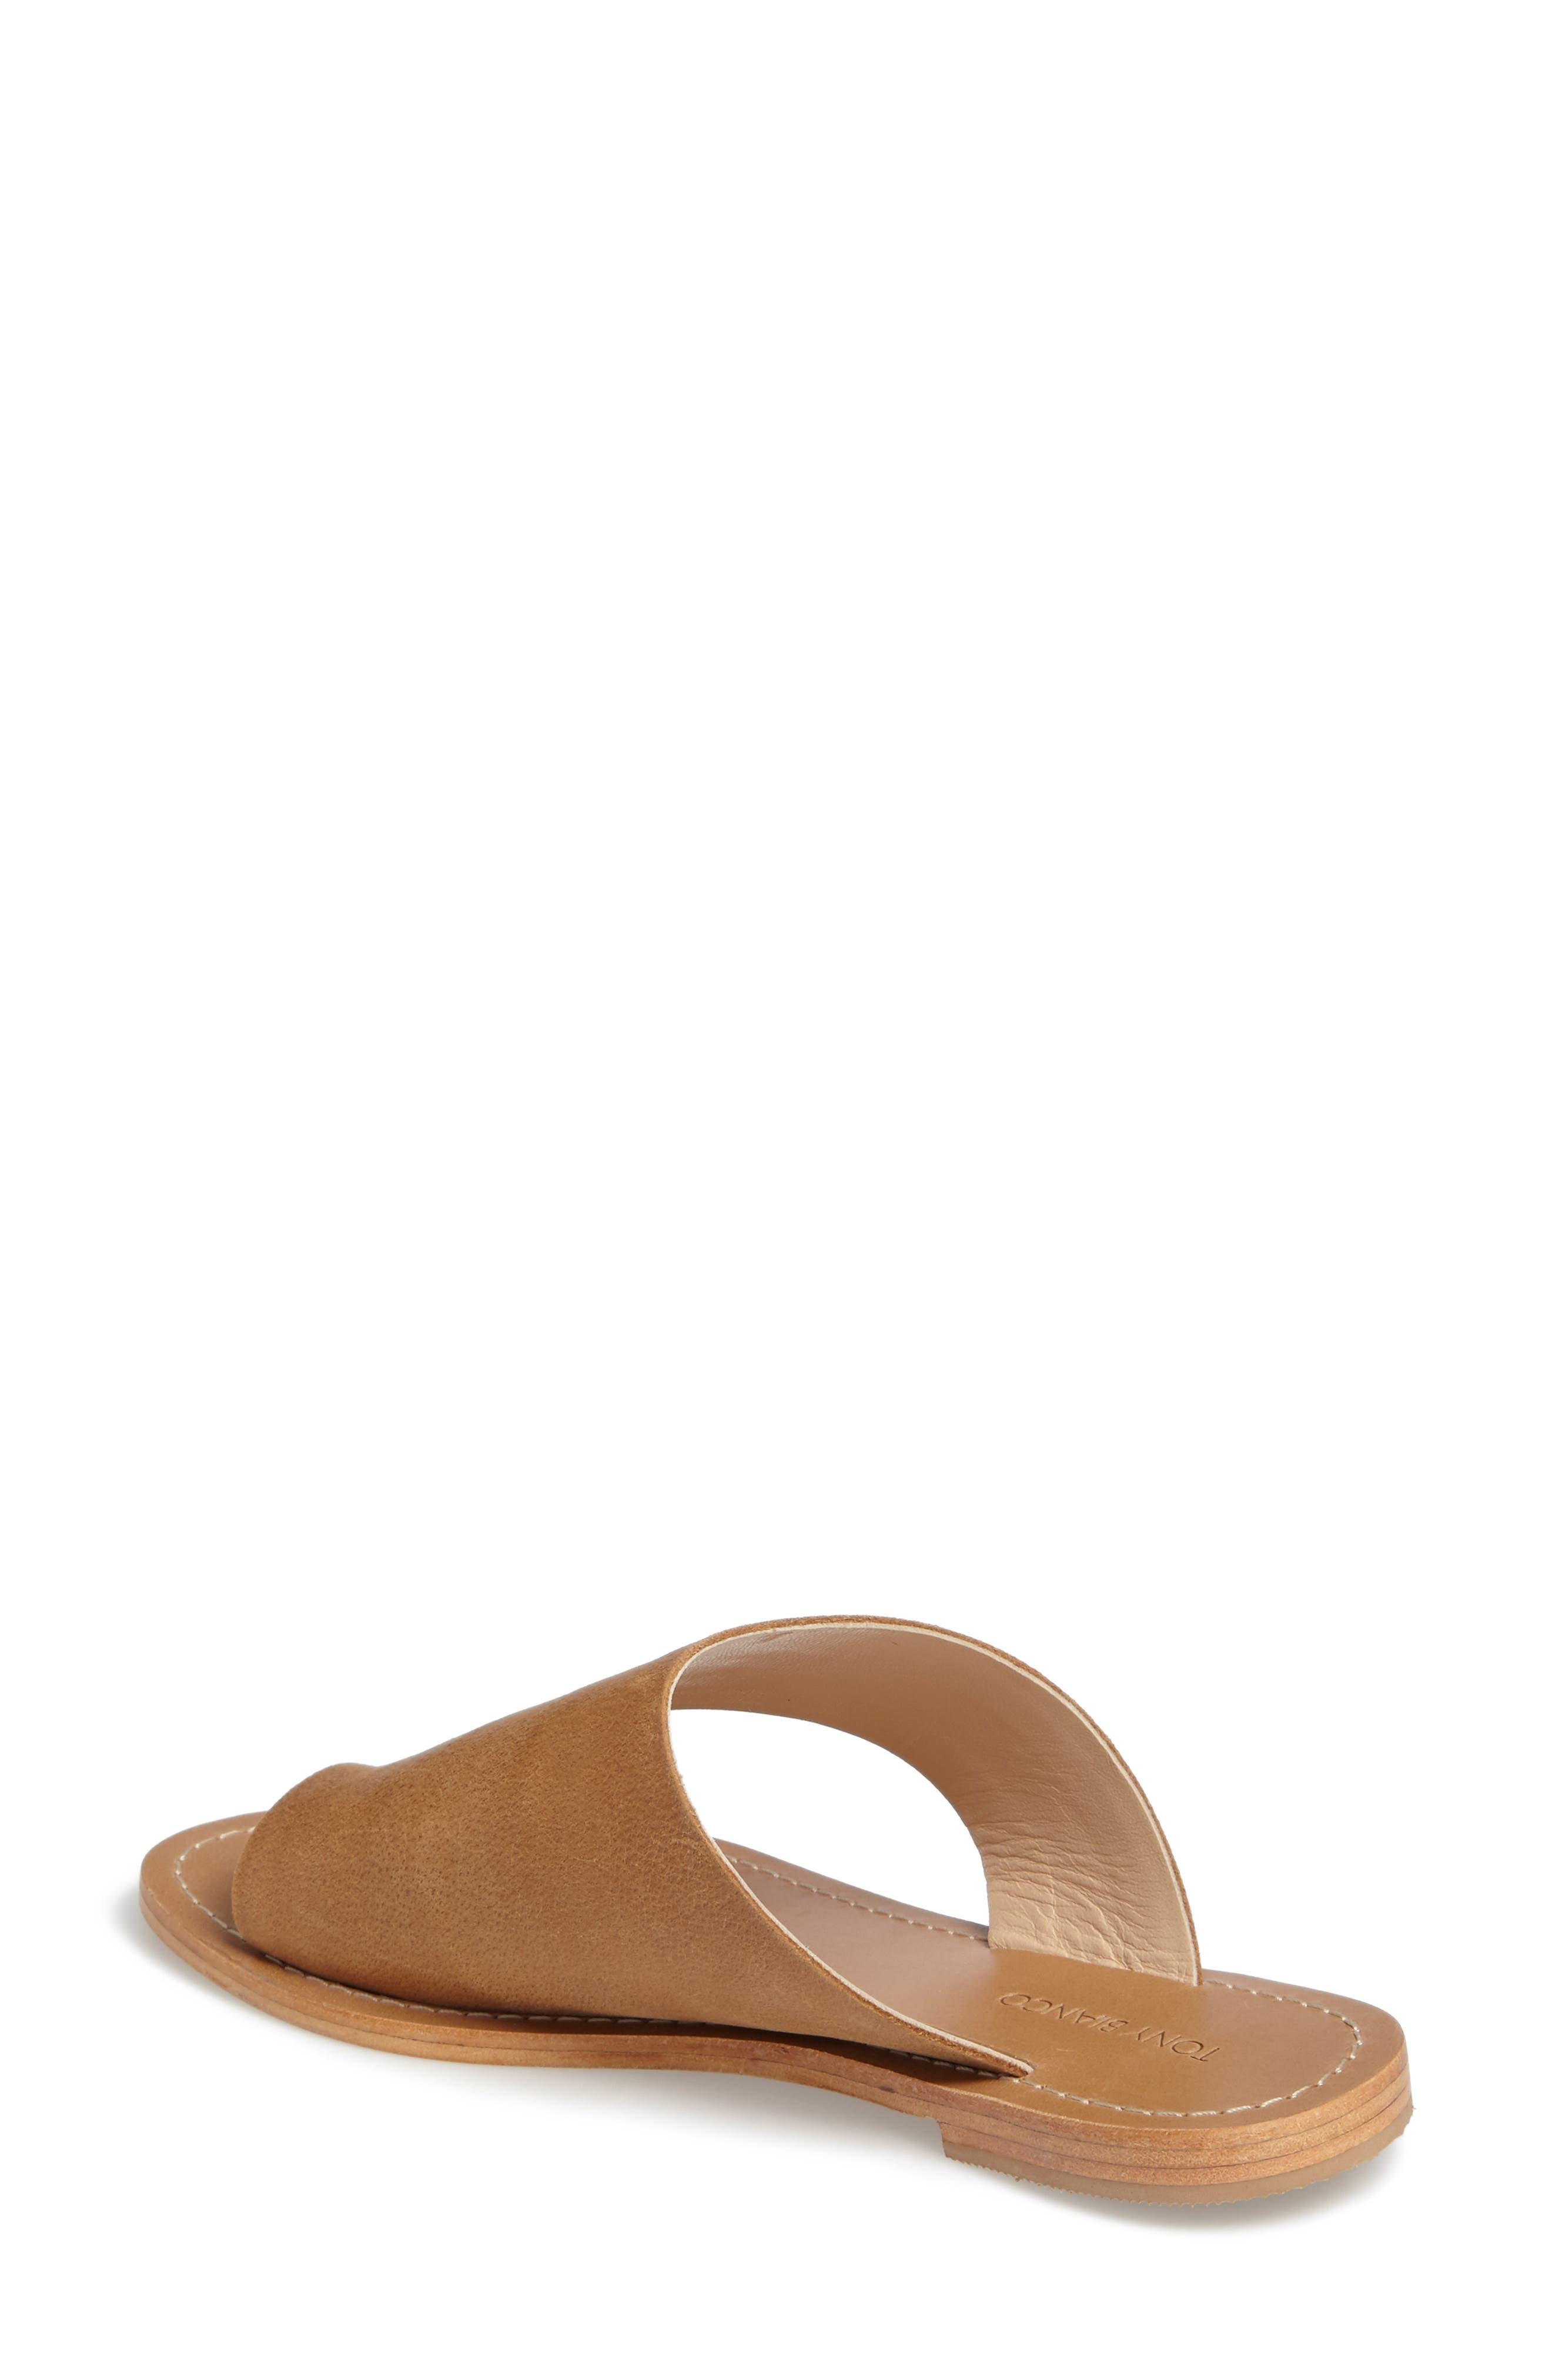 Fleet Slide Sandal,                             Alternate thumbnail 2, color,                             Tan Leather